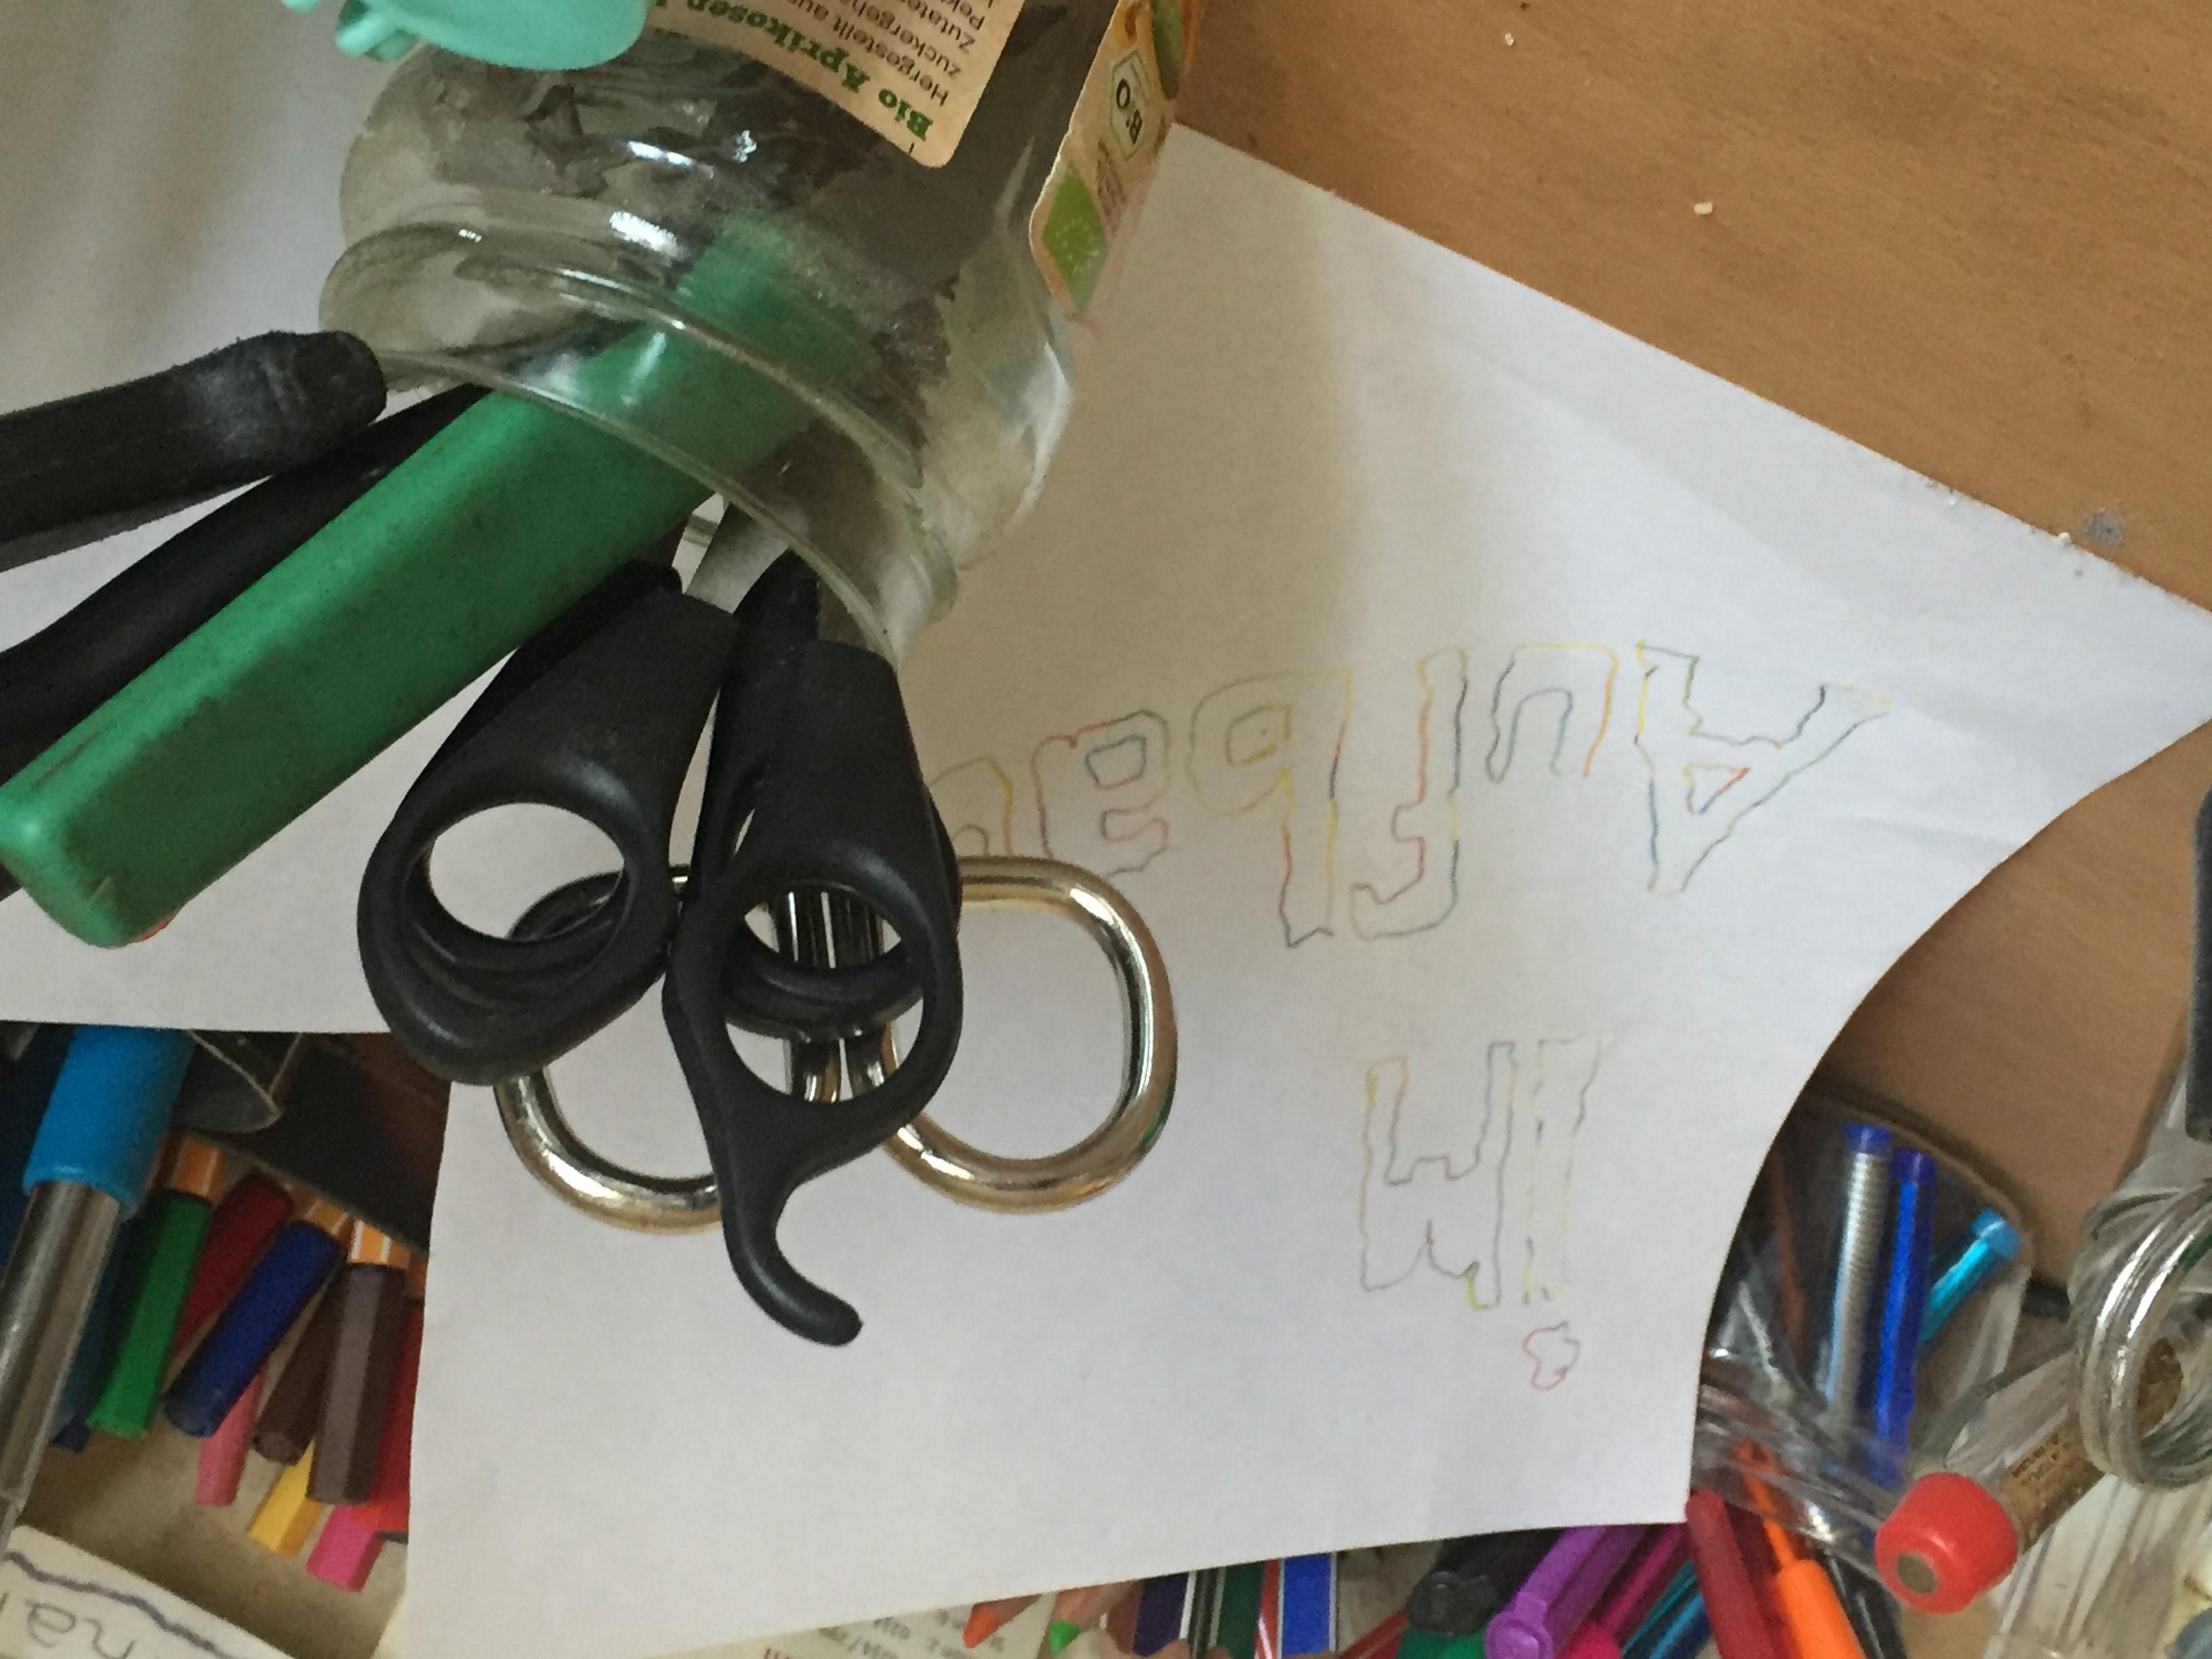 viele Tools auf dem Schreibtisch mit einer plakativen Meldung, dass diese Seite sich im Aufbau befindet